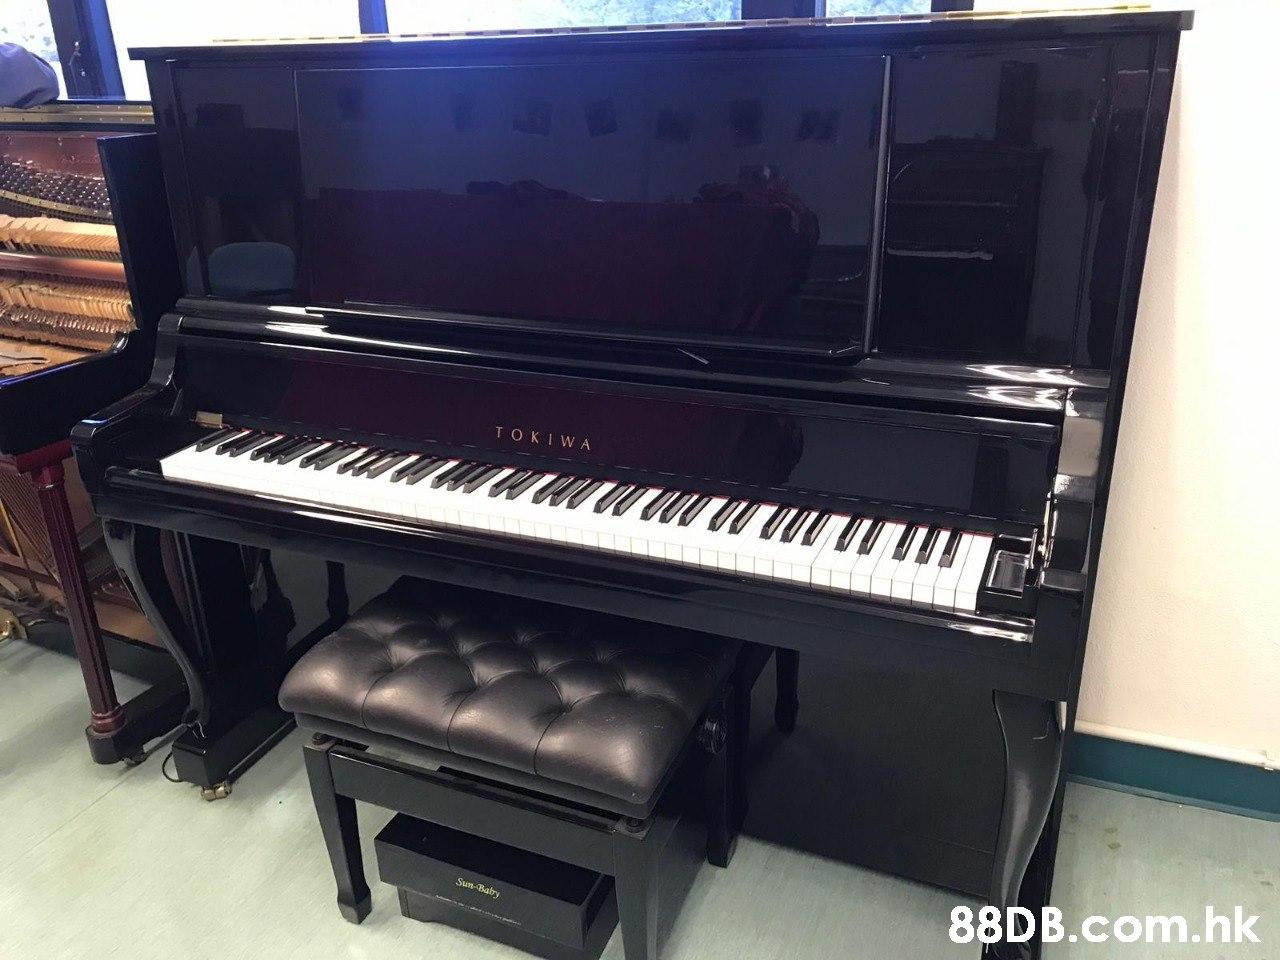 TOKIWA .hk Sun Baby  Piano,Musical instrument,Keyboard,Electronic instrument,Musical keyboard